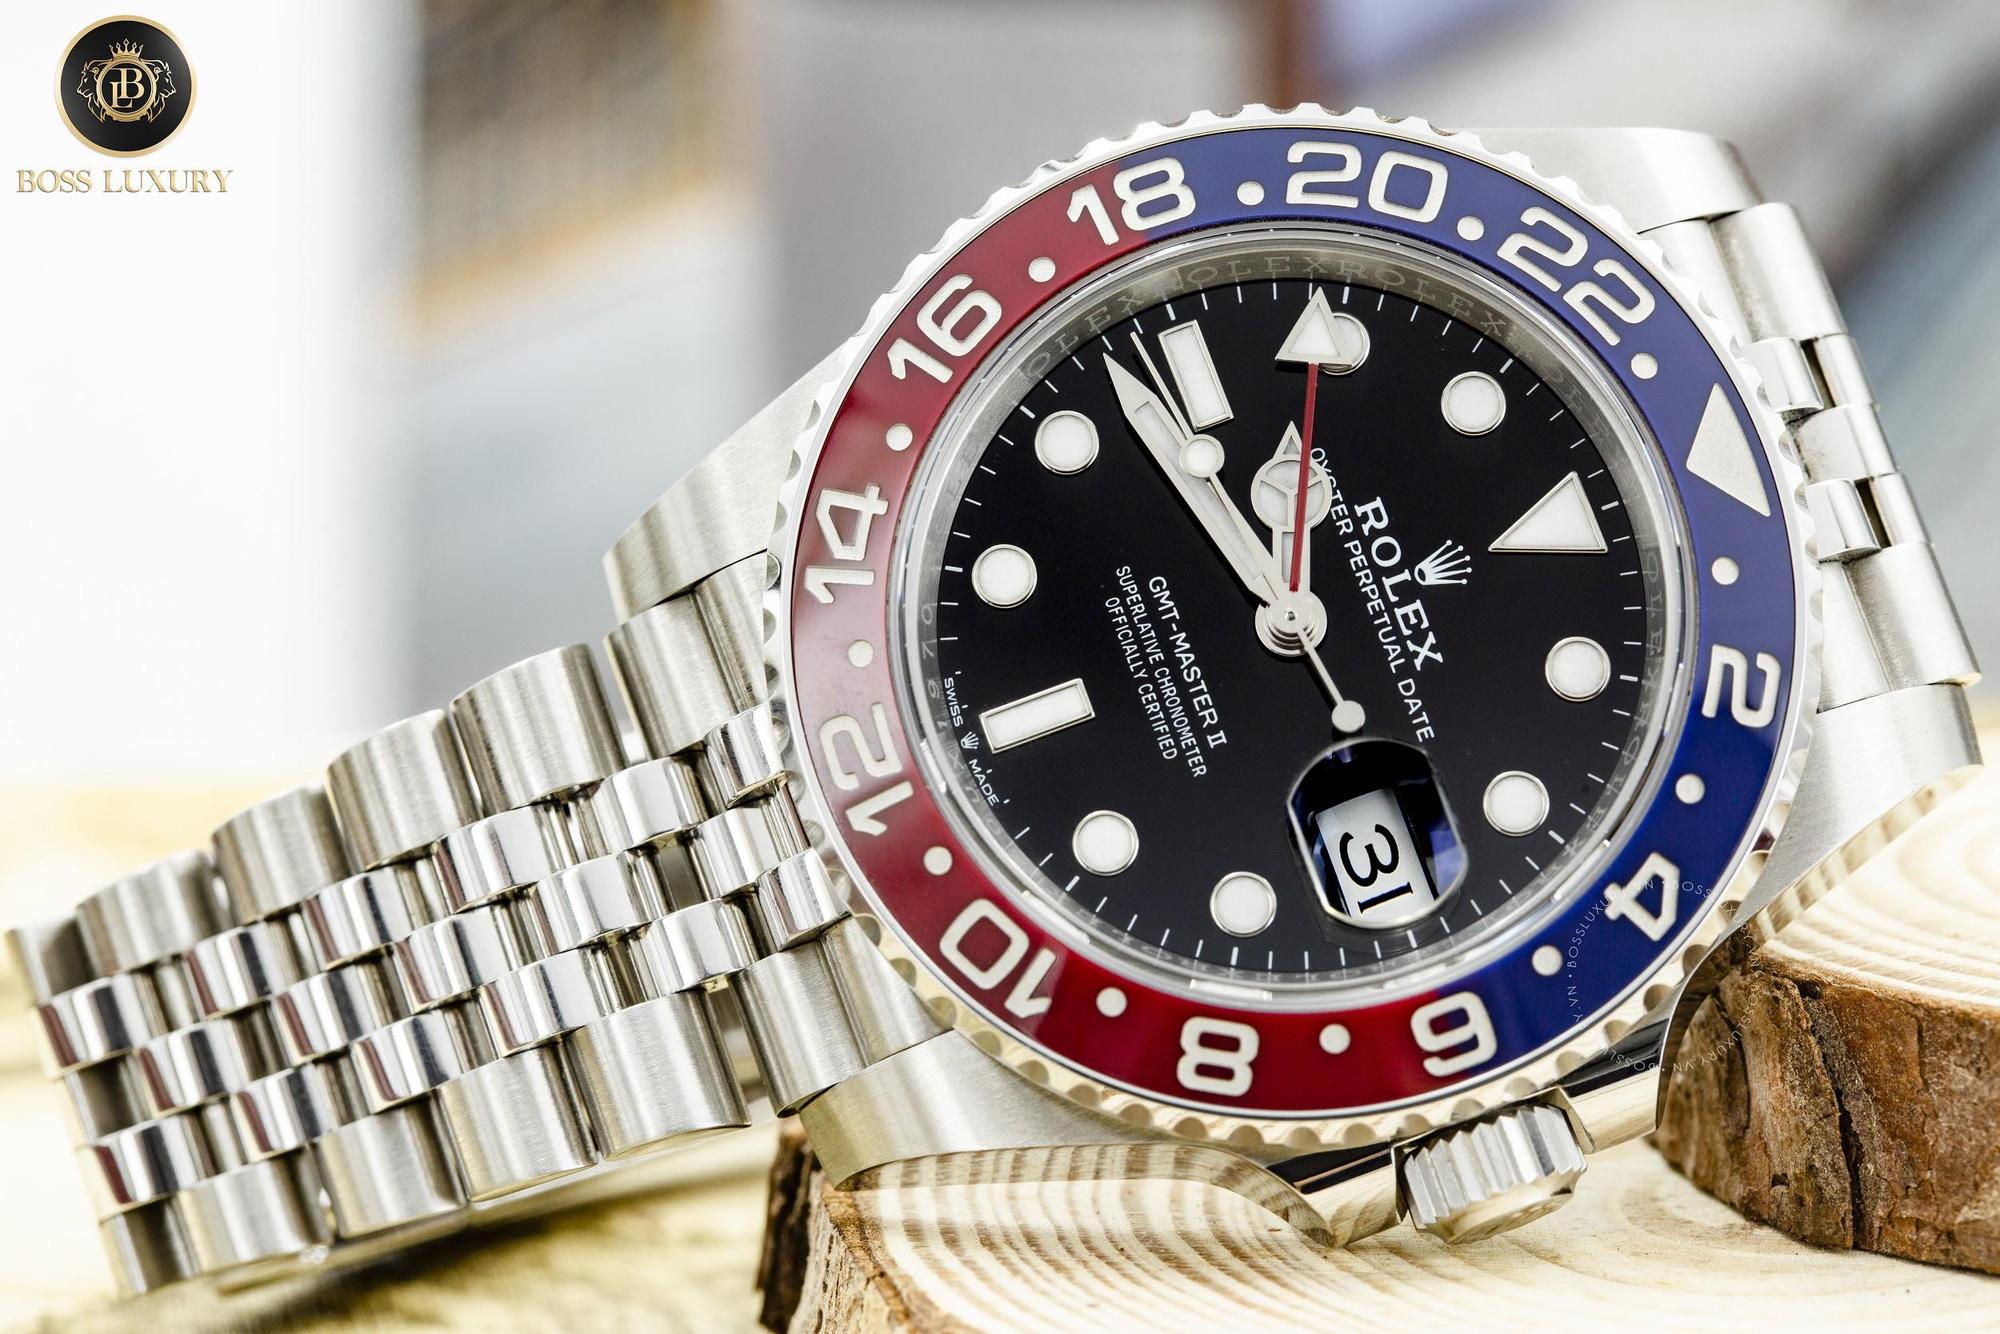 Top 5 cỗ máy đồng hồ hiệu Rolex đắt giá có mặt tại Boss Luxury - Ảnh 3.